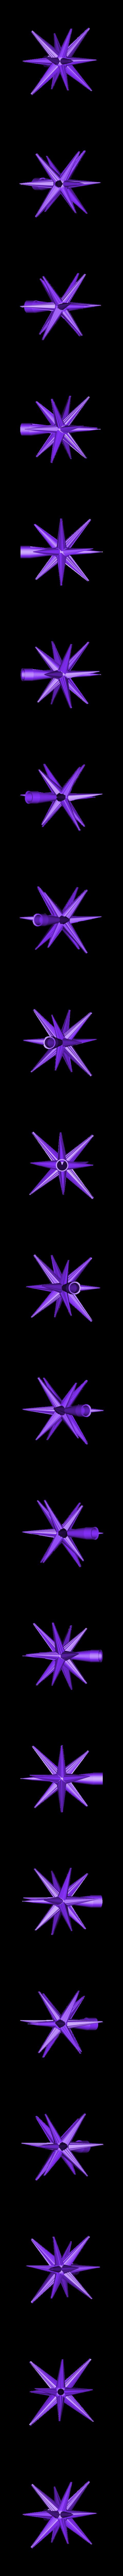 Etoile sapin de noêl.stl Télécharger fichier STL gratuit ETOILE pour sapin de noël • Modèle à imprimer en 3D, PHIL